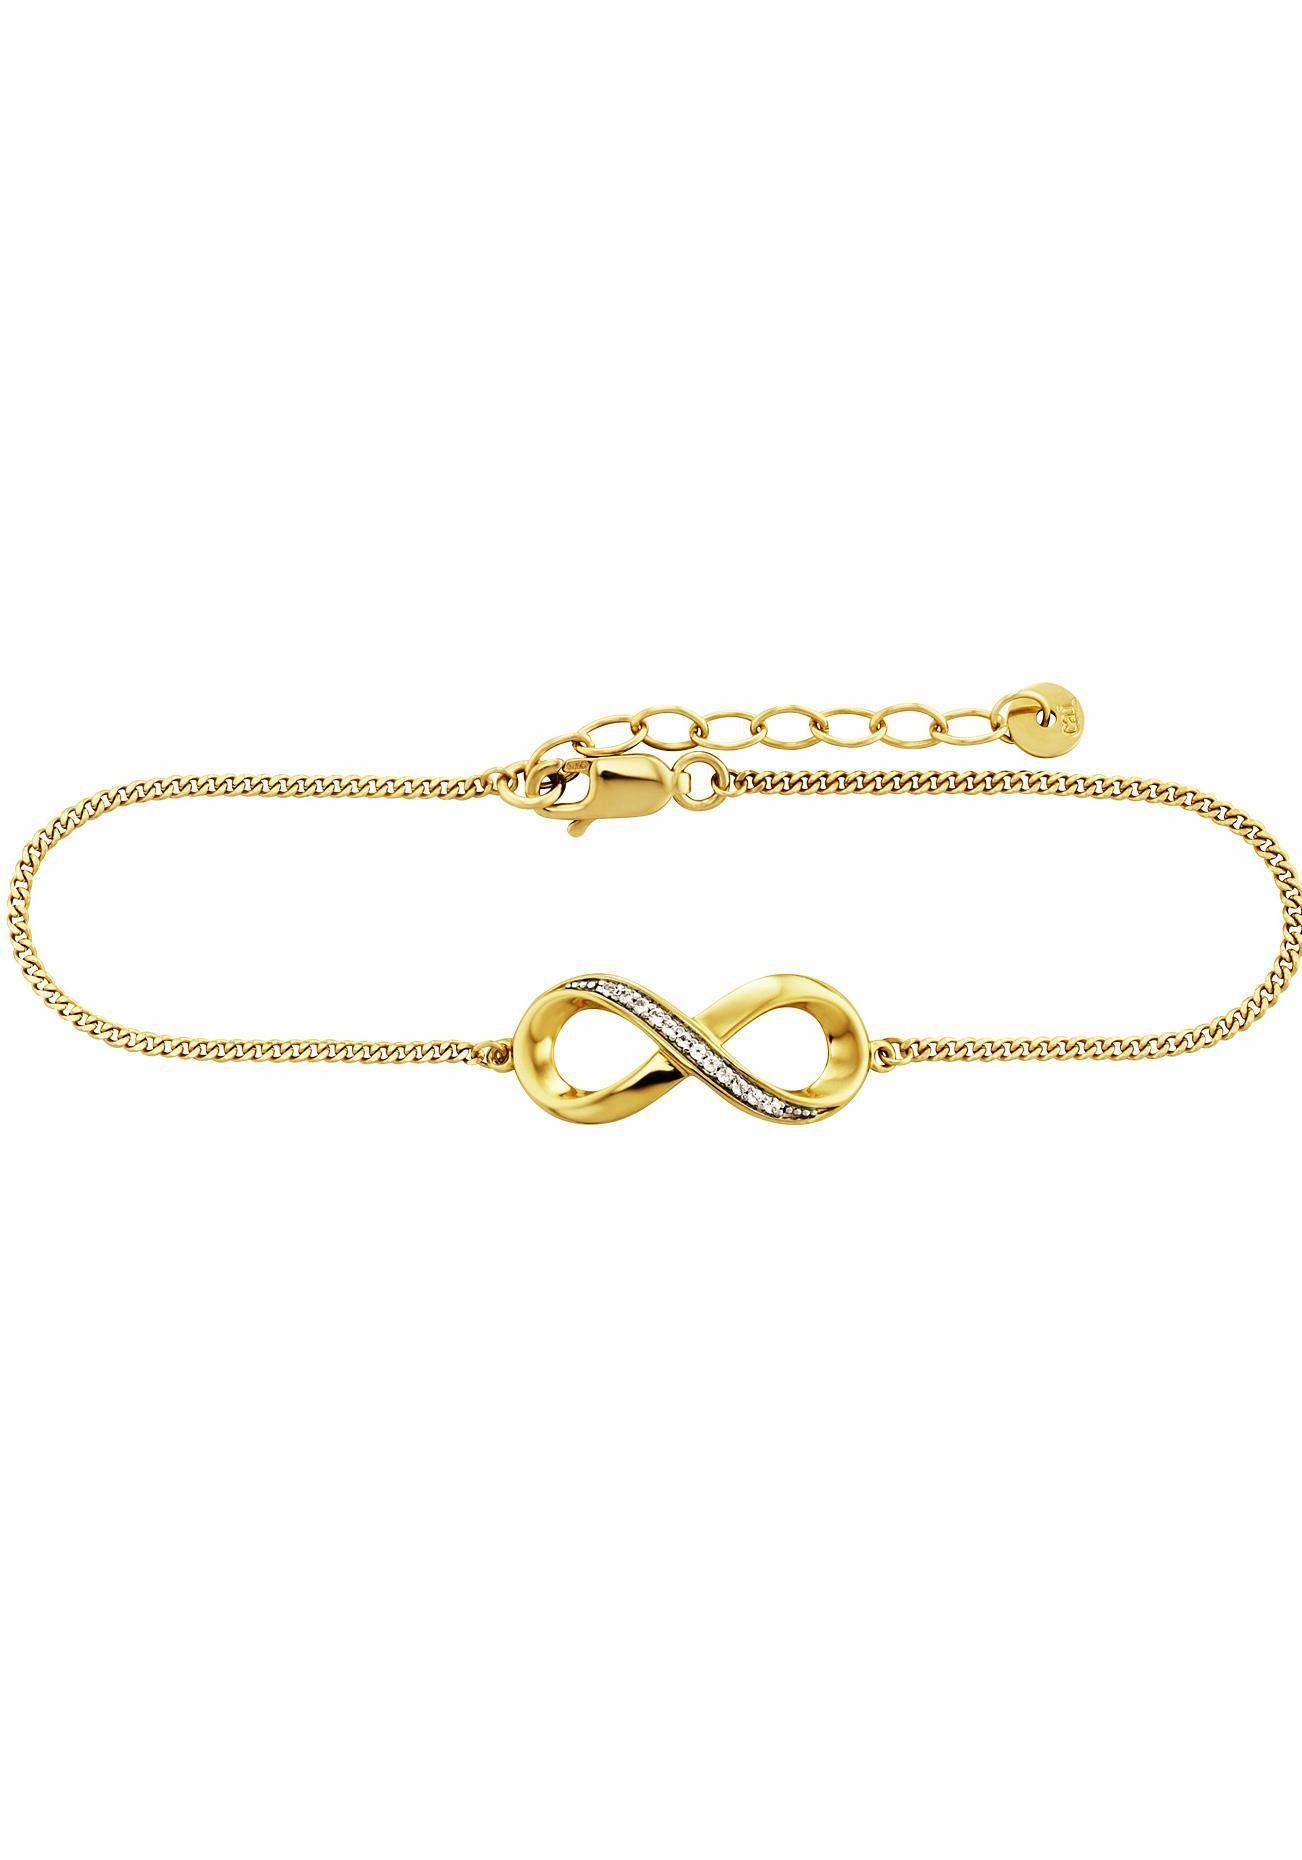 CAÏ Armband »Infinity, Unendlichkeitsschleife, sensitive dancer, C1814B/90/93/20« mit Topas